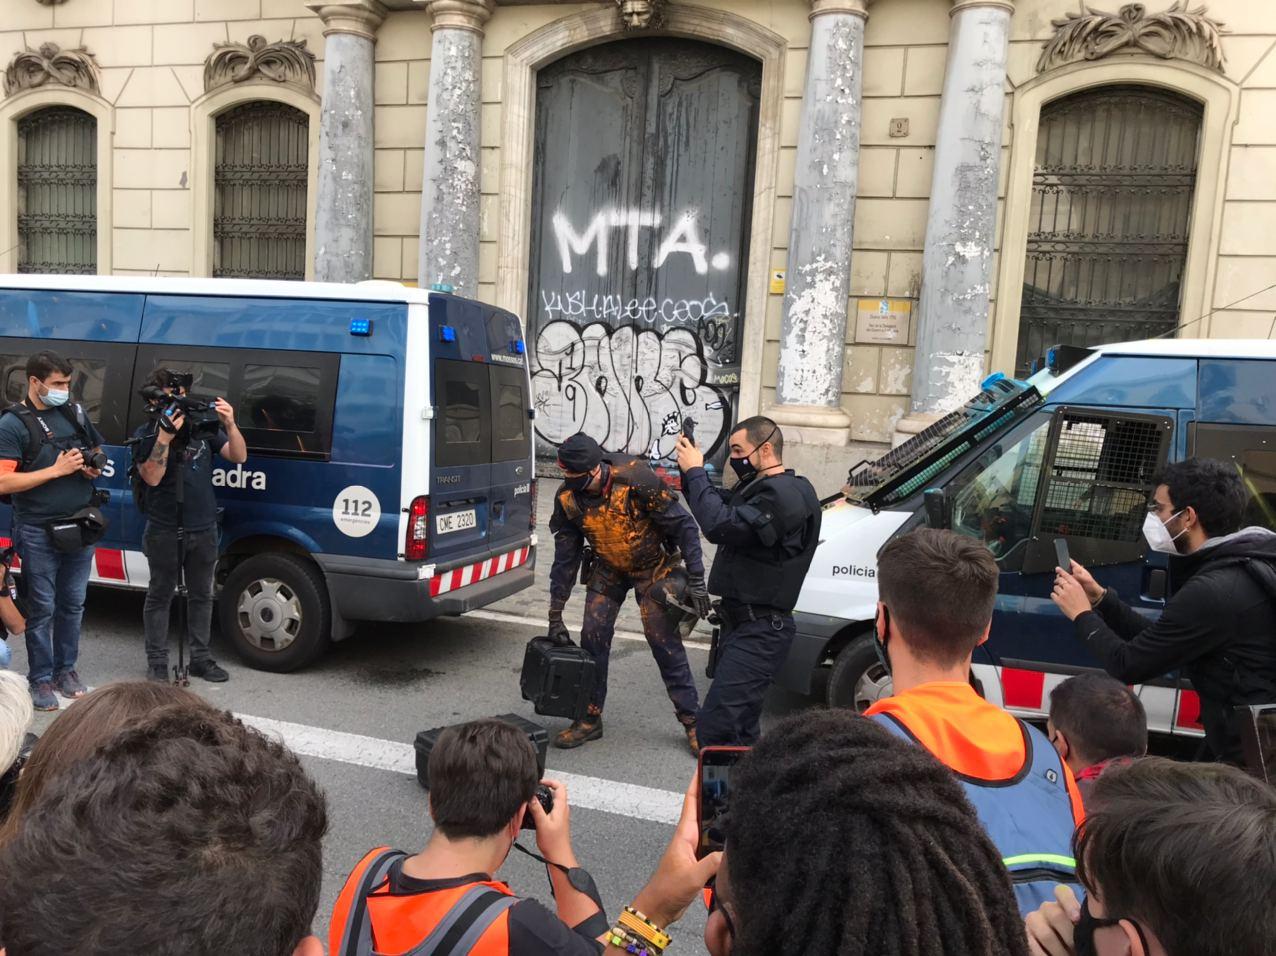 Mosso antiavalots tenyit de taronja i encerclat pels manifestants / Quico Sallés